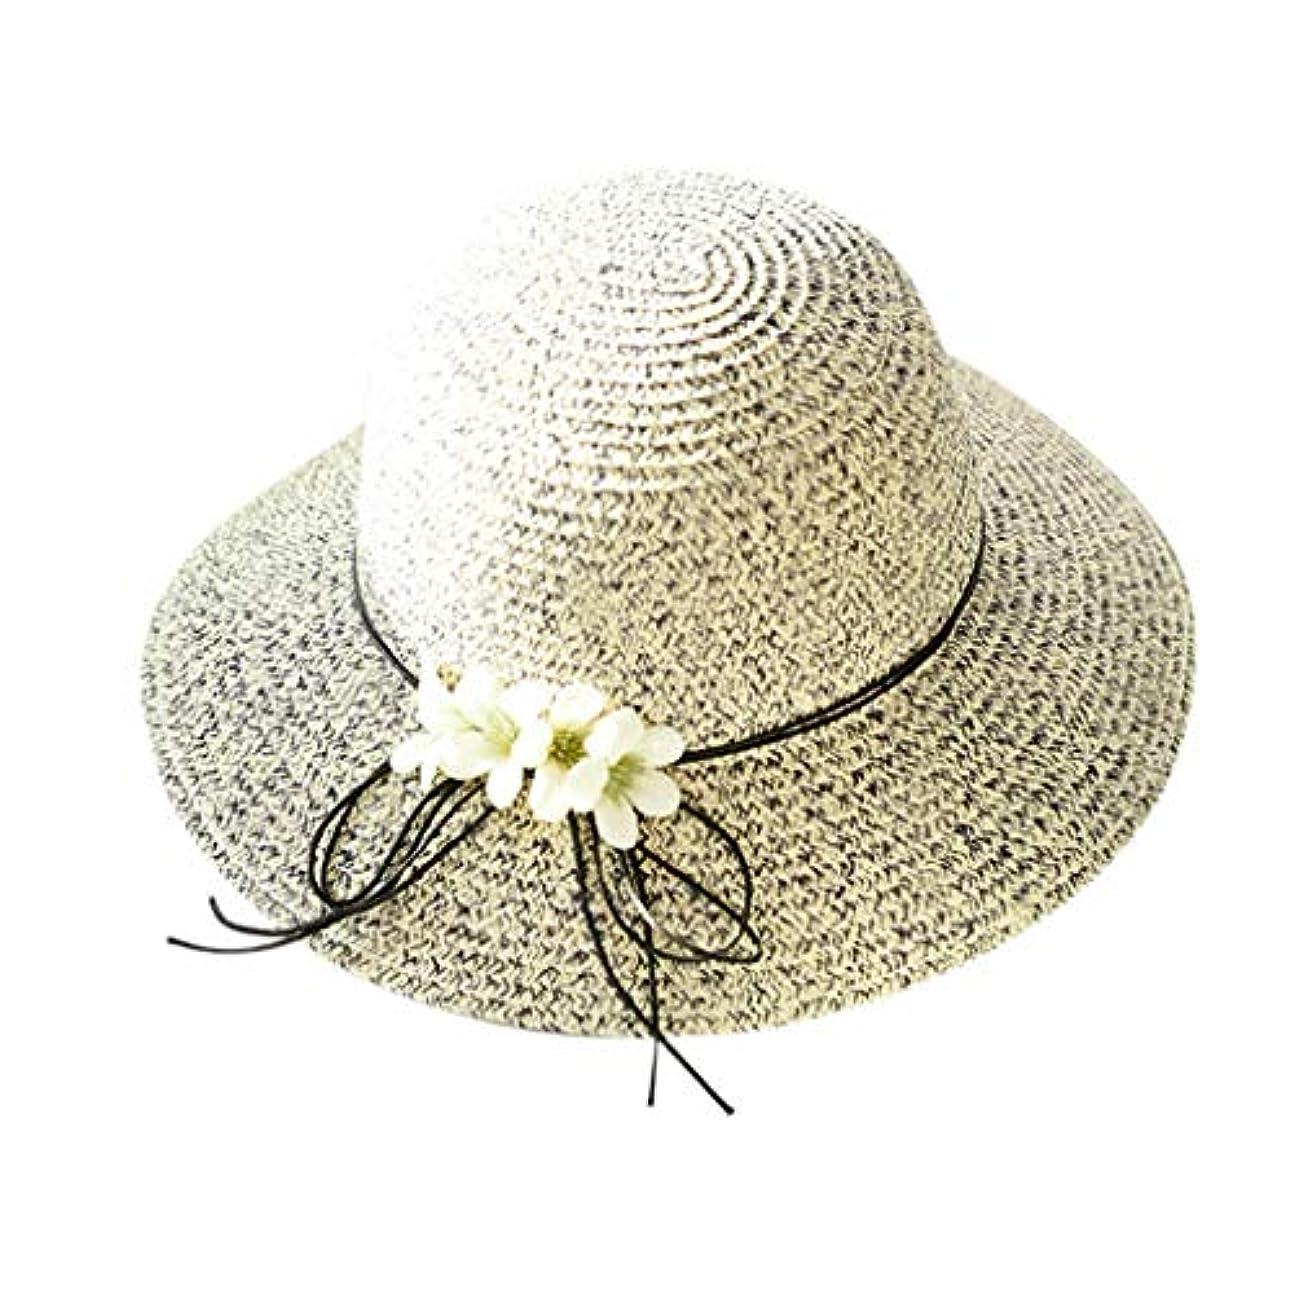 リフレッシュ減らすする帽子 レディース 夏 おしゃれ トレンド ファッション エレガント UVカット 帽子 ハット 漁師帽 ワイルド 帽子 レディース 大きいサイズ 森ガール 蝶結び 無地 ビーチ 海辺 かわいい ROSE ROMAN